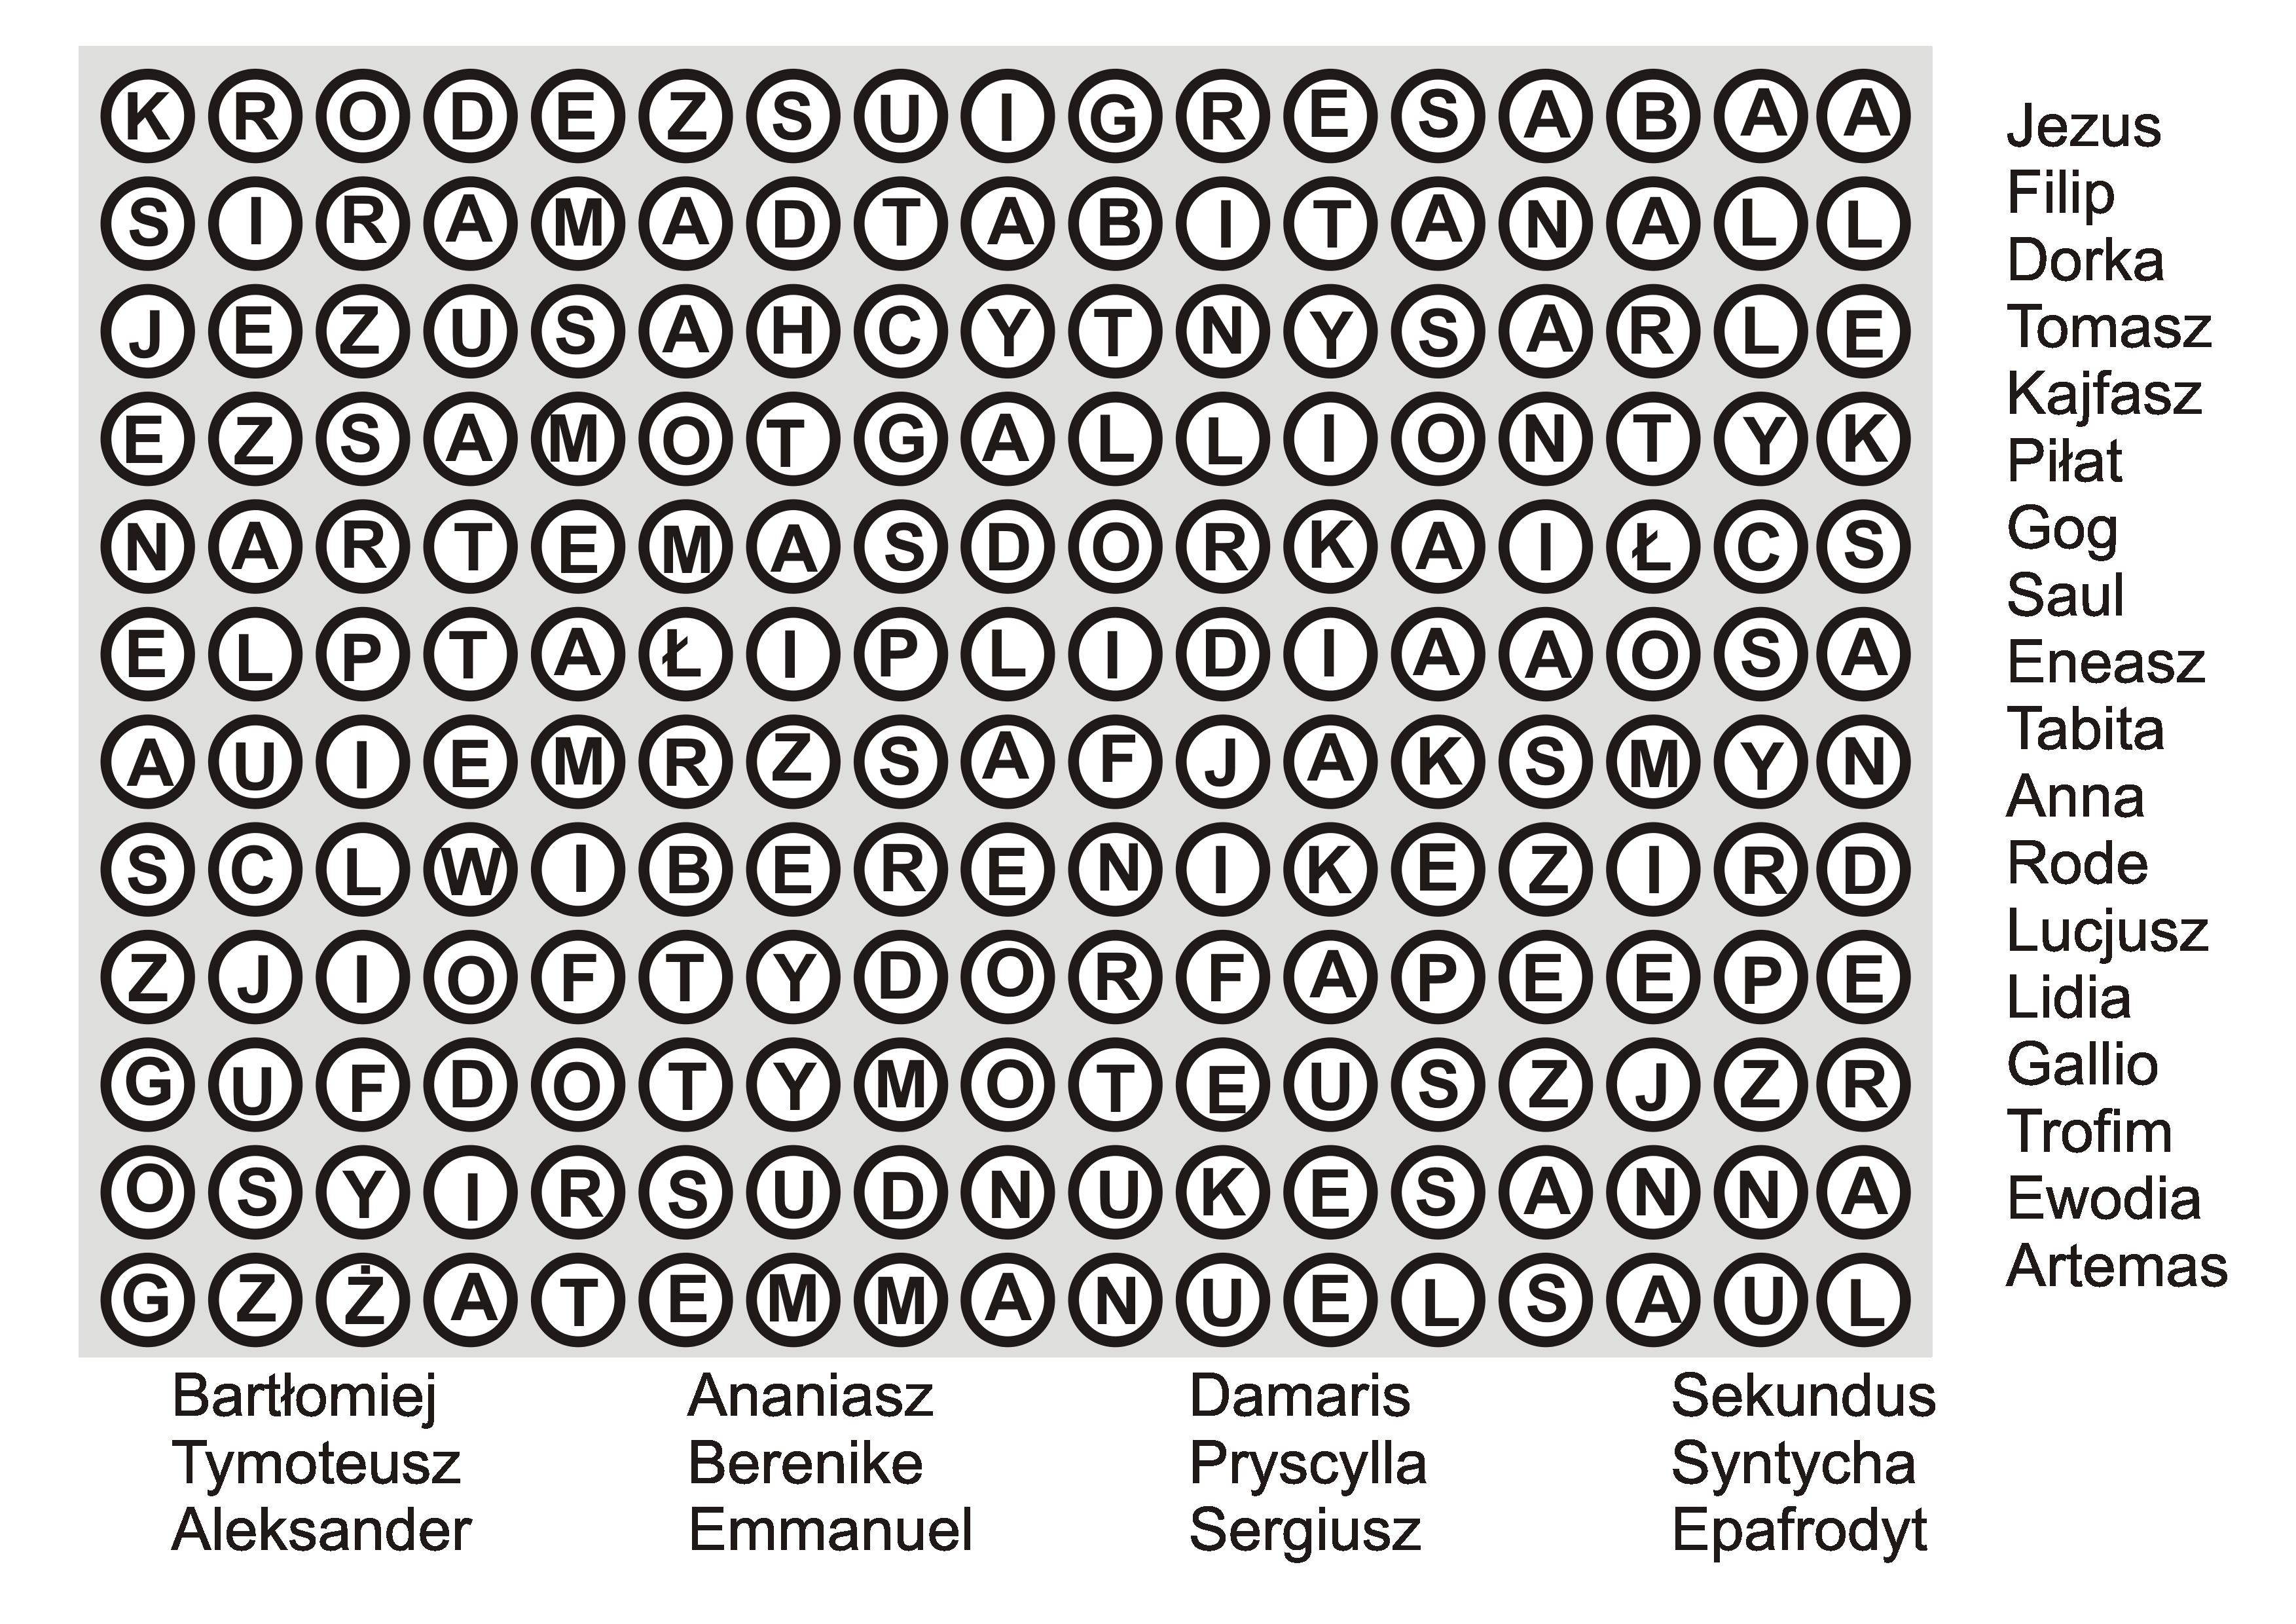 Wykreślanka 2 - Imiona biblijne z Nowego Testamentu - poziom: łatwy